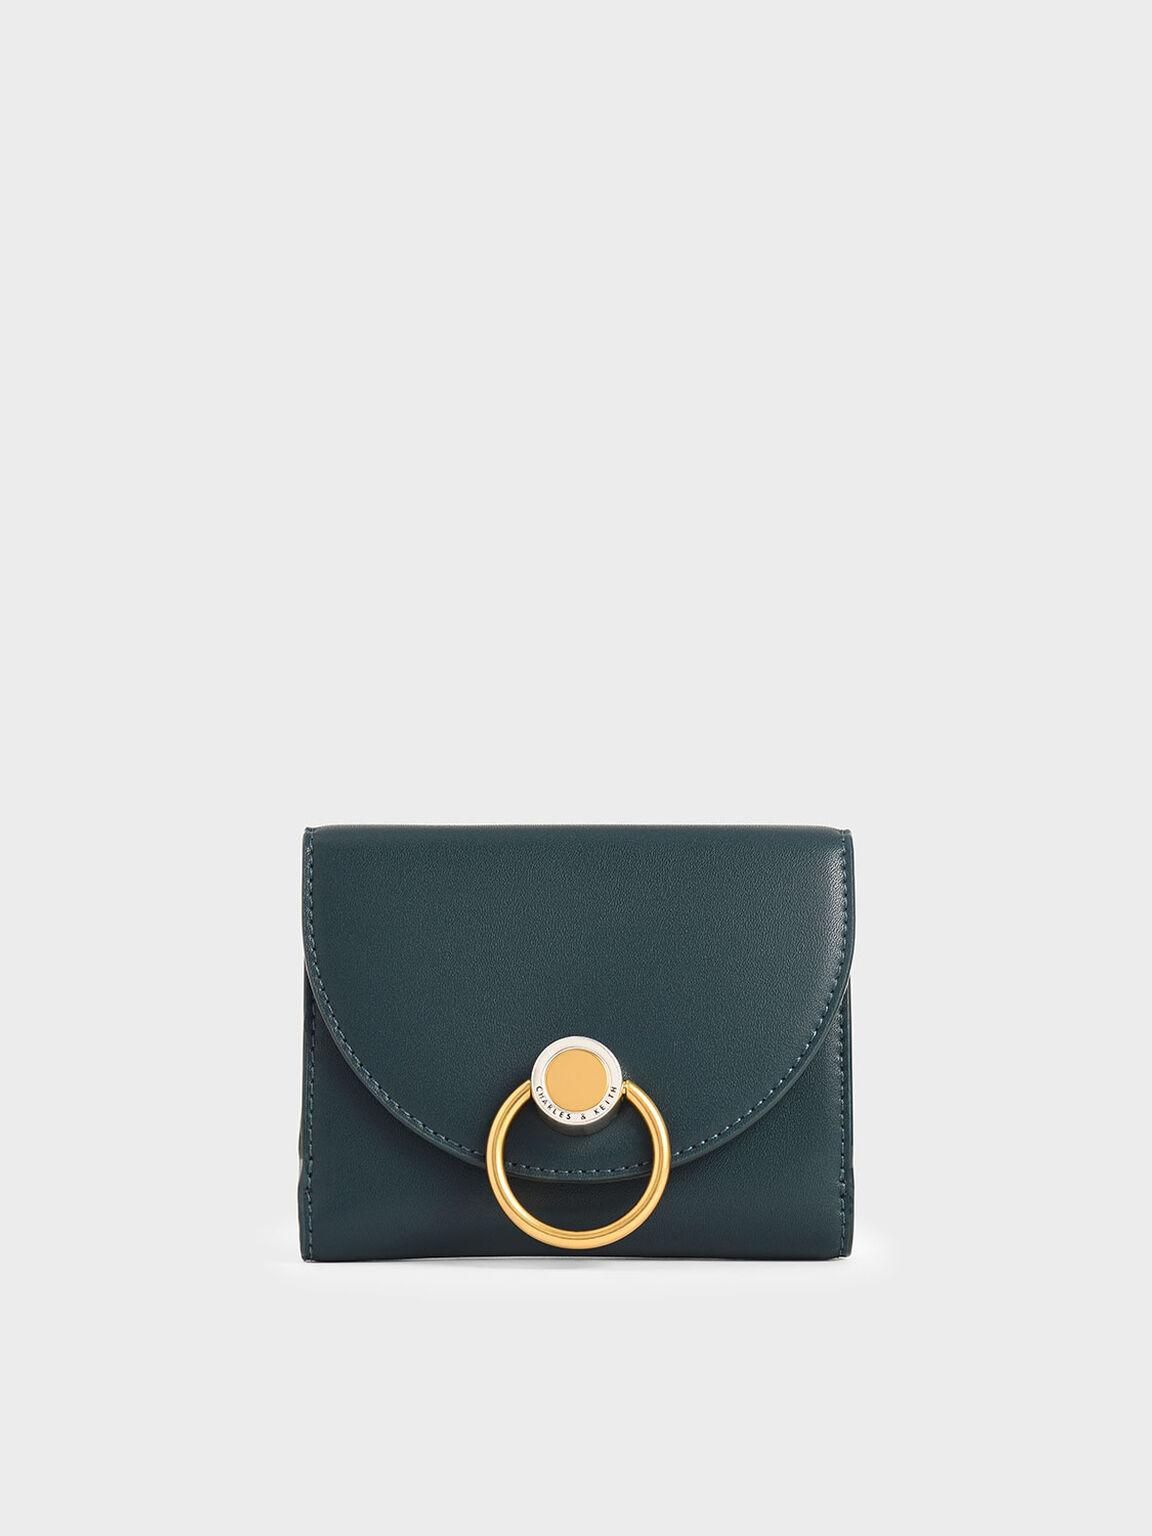 簡約金圓釦皮夾, 藍綠色, hi-res